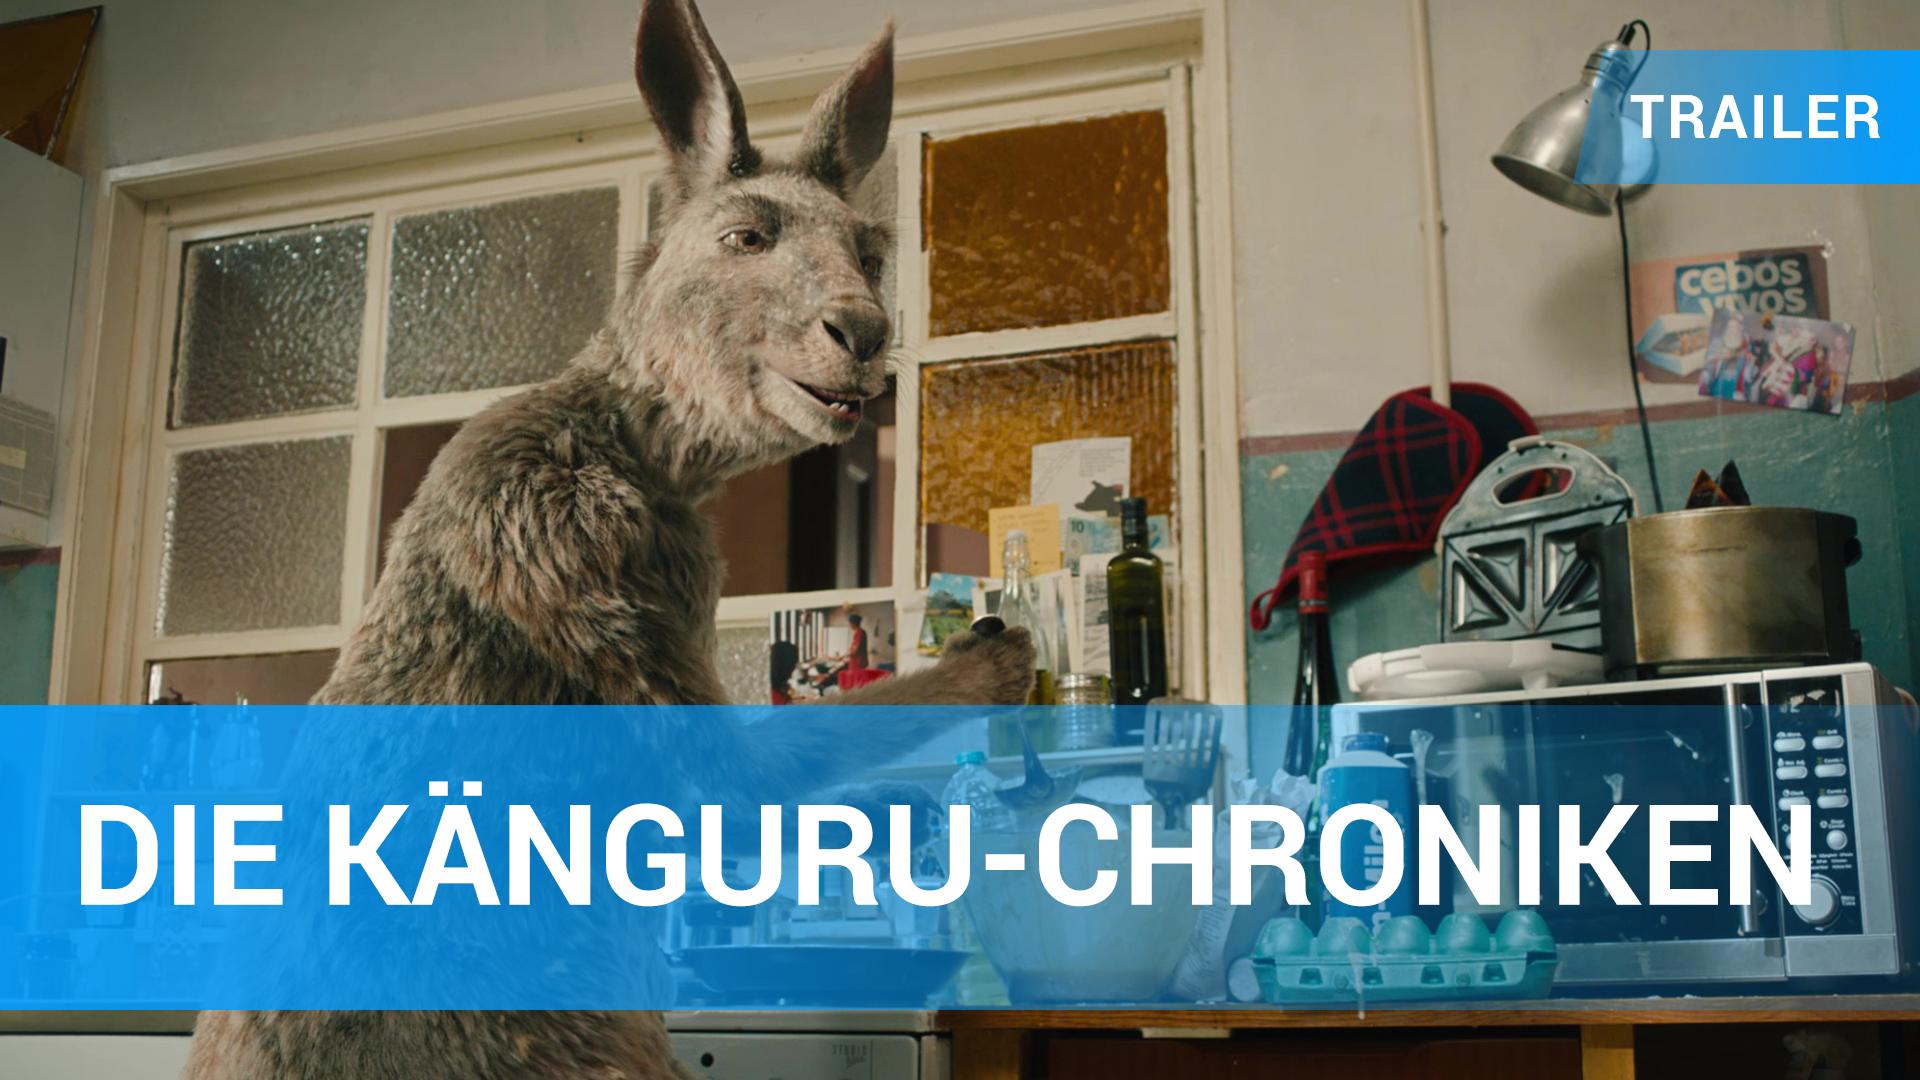 Die känguru chroniken hörbuch kostenlos | Kostenlos: Die